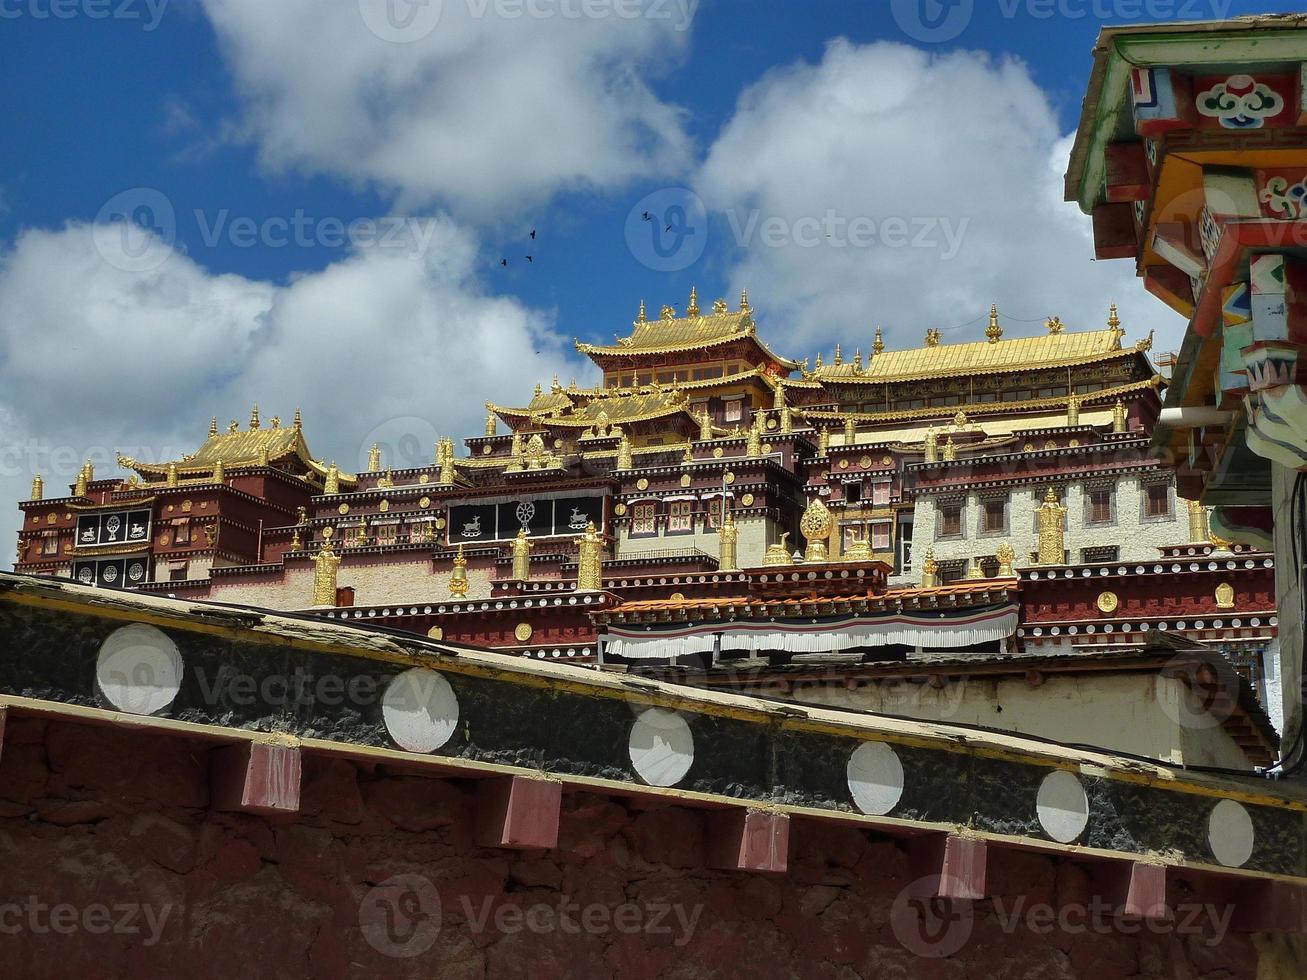 ganden sumtseling kloster, tibetiansk buddhisttempel i yunnan, porslin foto